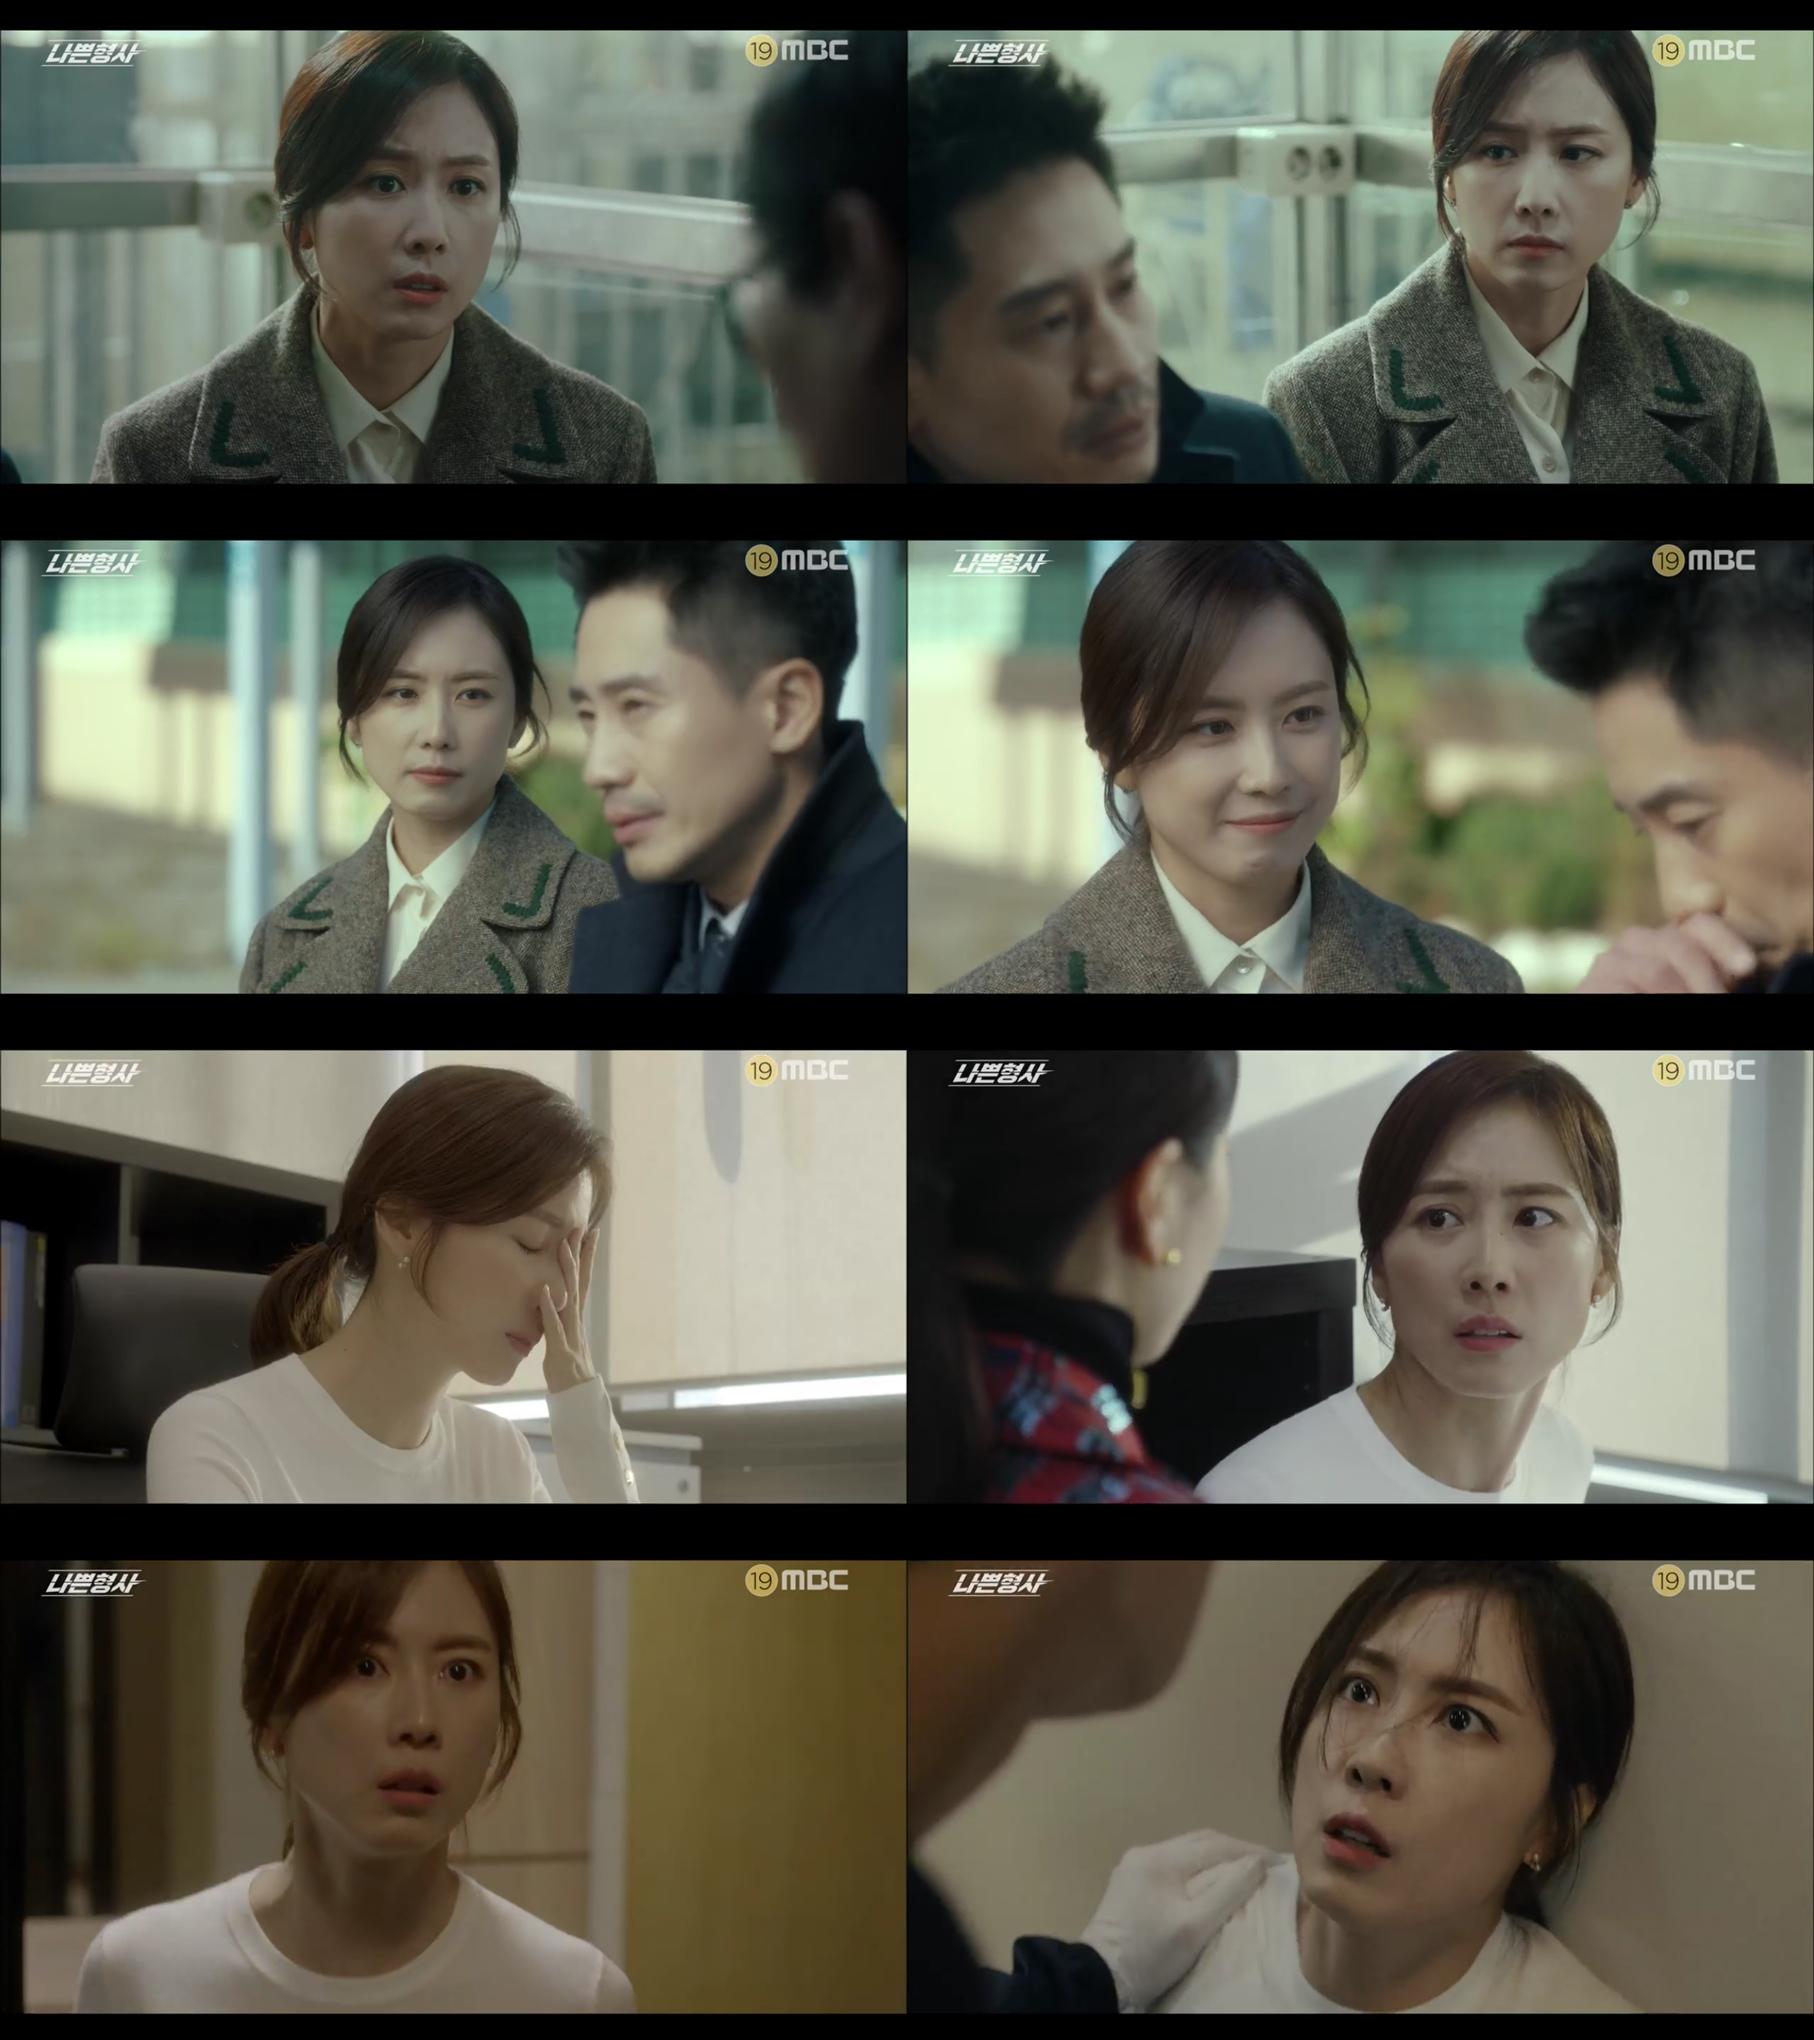 '나쁜형사' 홍은희, 불꽃 열연 화제! 장렬한 죽음 맞이하며 '美친 엔딩' 장식